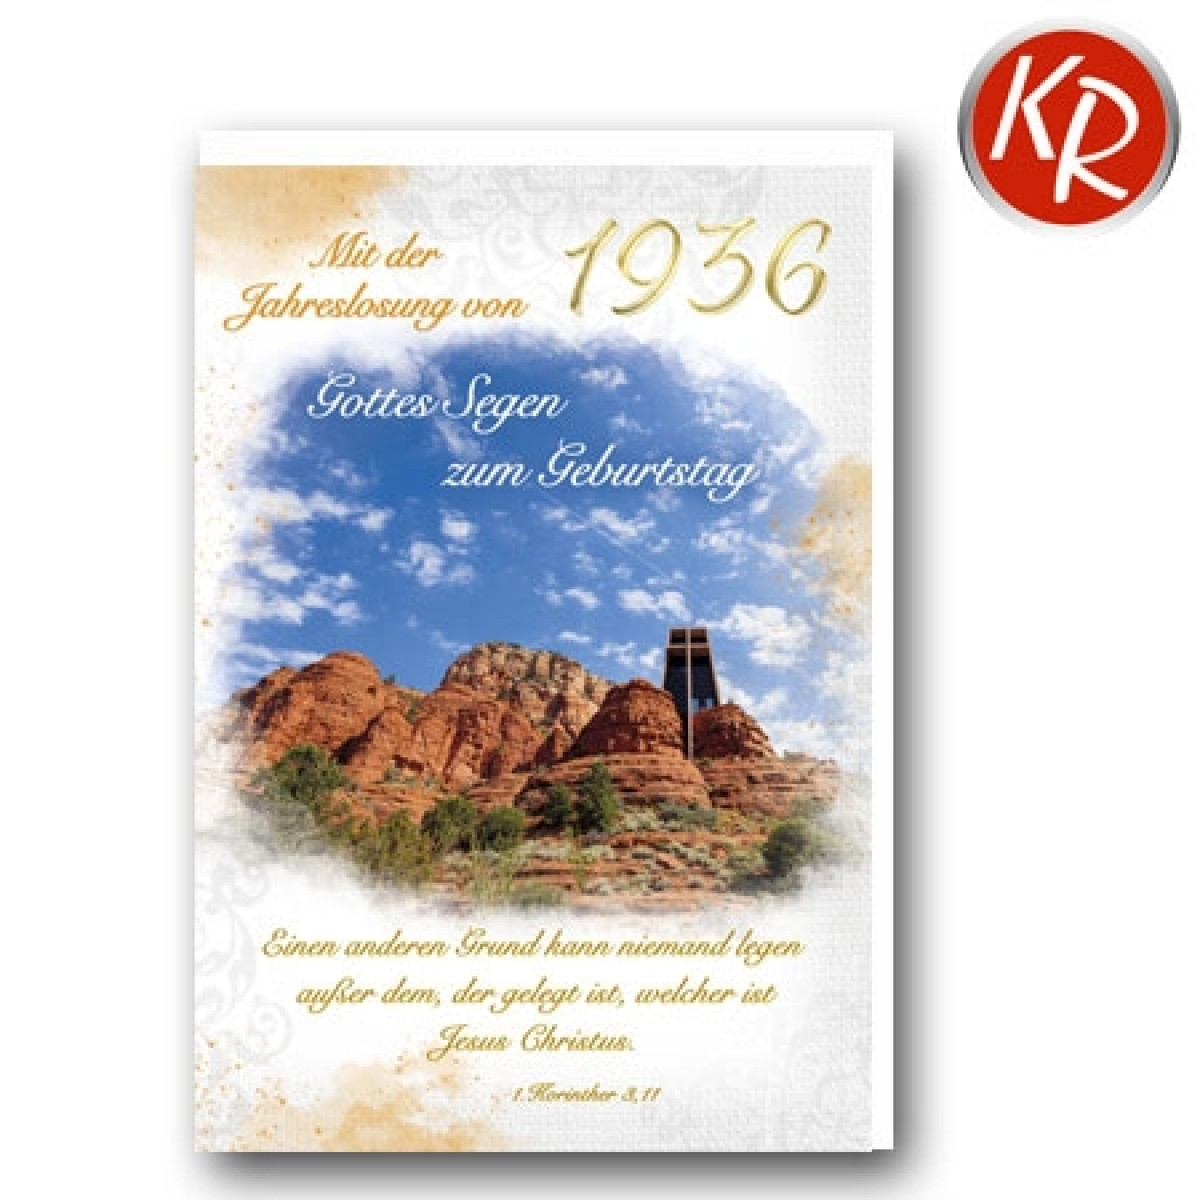 Faltkarte mit Jahreslosung von 1936 45-1936